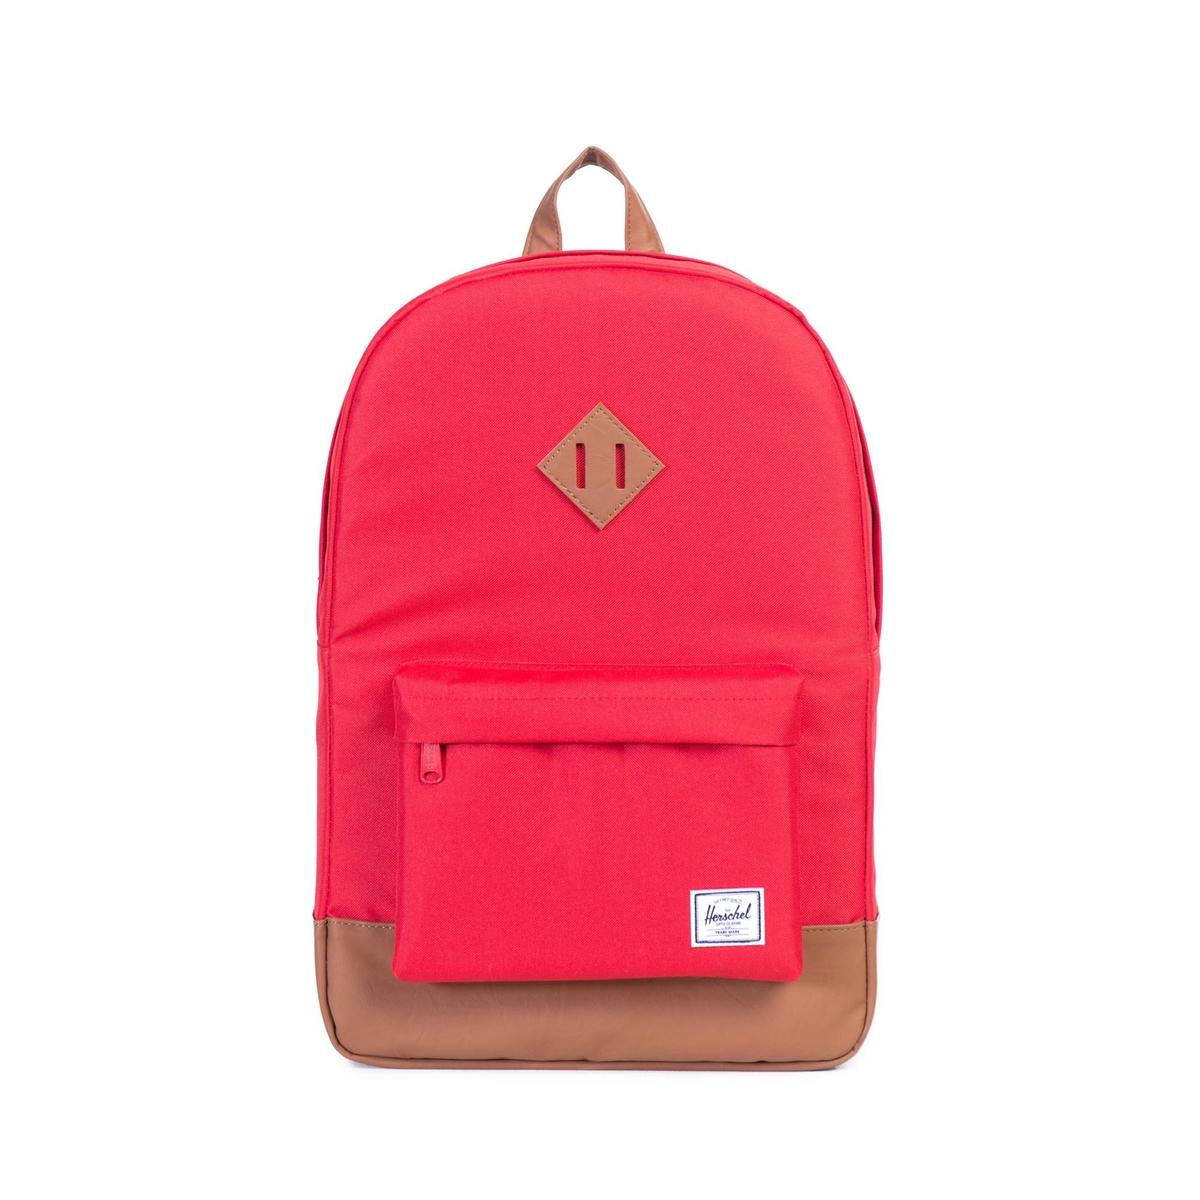 Рюкзак для ноутбука HERITAGE 21,5лСостав и описание                  Материал : текстиль 100% полиэстера.                 Подкладка 100% полиэстер                 Размеры : 45 x 30 x 13 см.                 Застежка : на молнию                 Марка : HERSCHEL<br><br>Цвет: красный